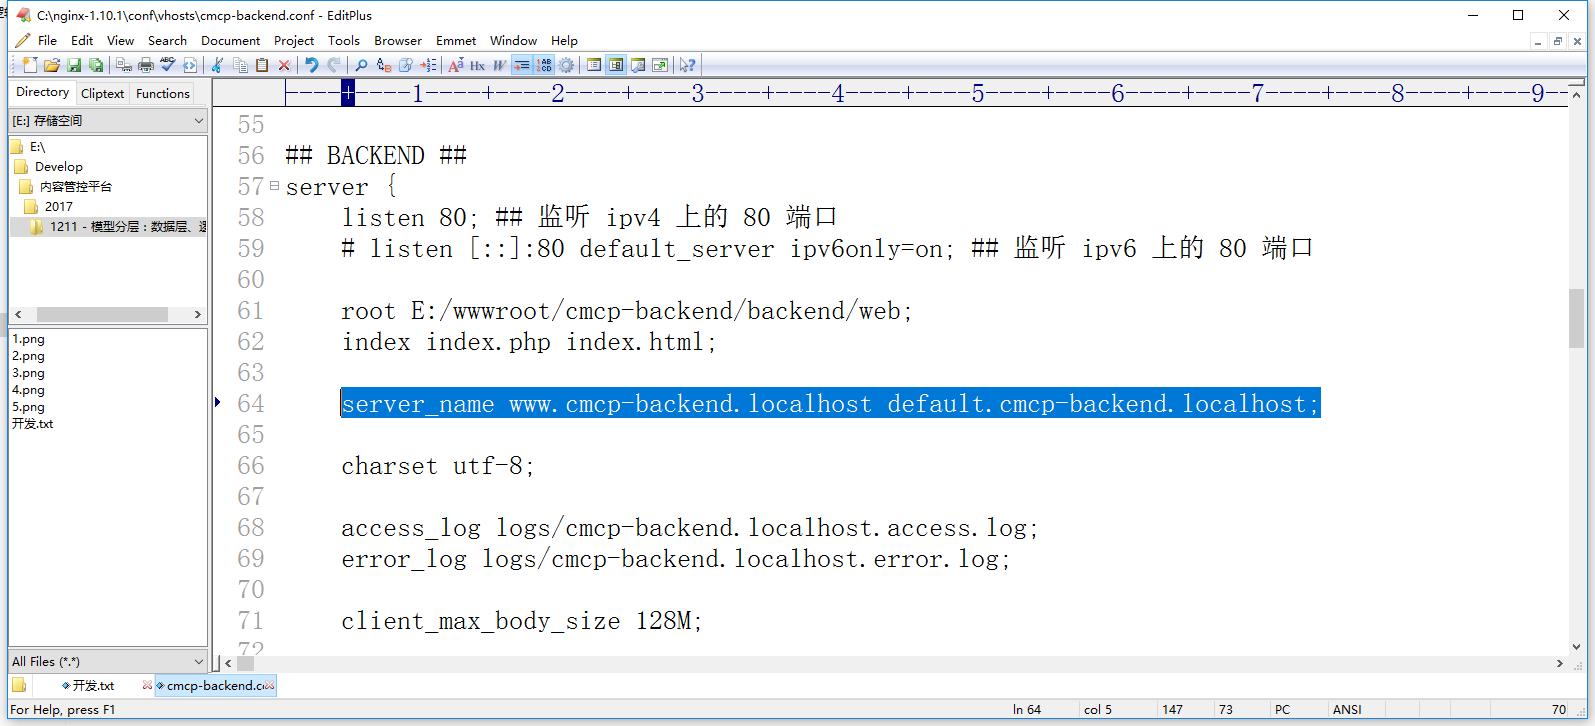 还有一个更好的方案,把.localhost域名作为一个新的标准添加进来。* .localhost中的所有内容都会自动转换为127.0.0.1,而无需使用hosts或dnsmasq解决方法,编辑Nginx的配置文件